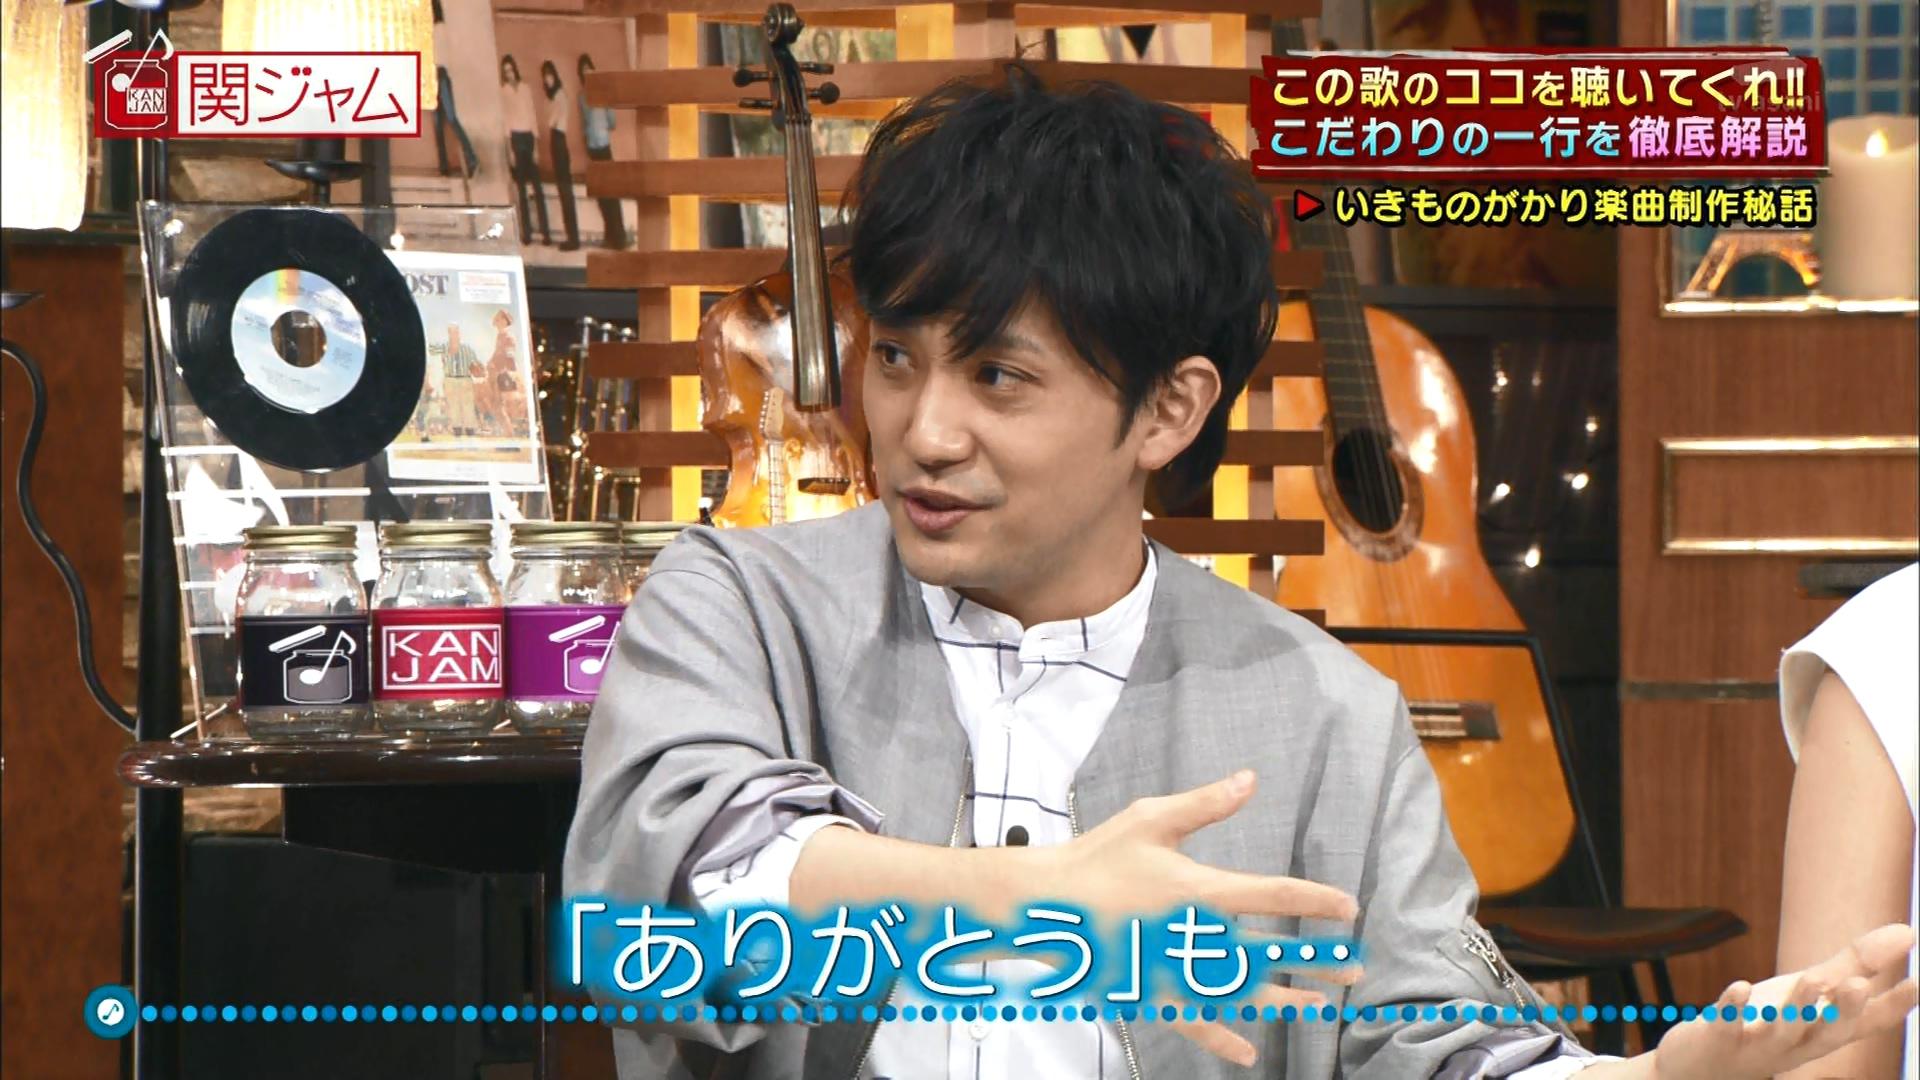 2016.03.13 全場(関ジャム 完全燃SHOW).ts_20160314_024818.485